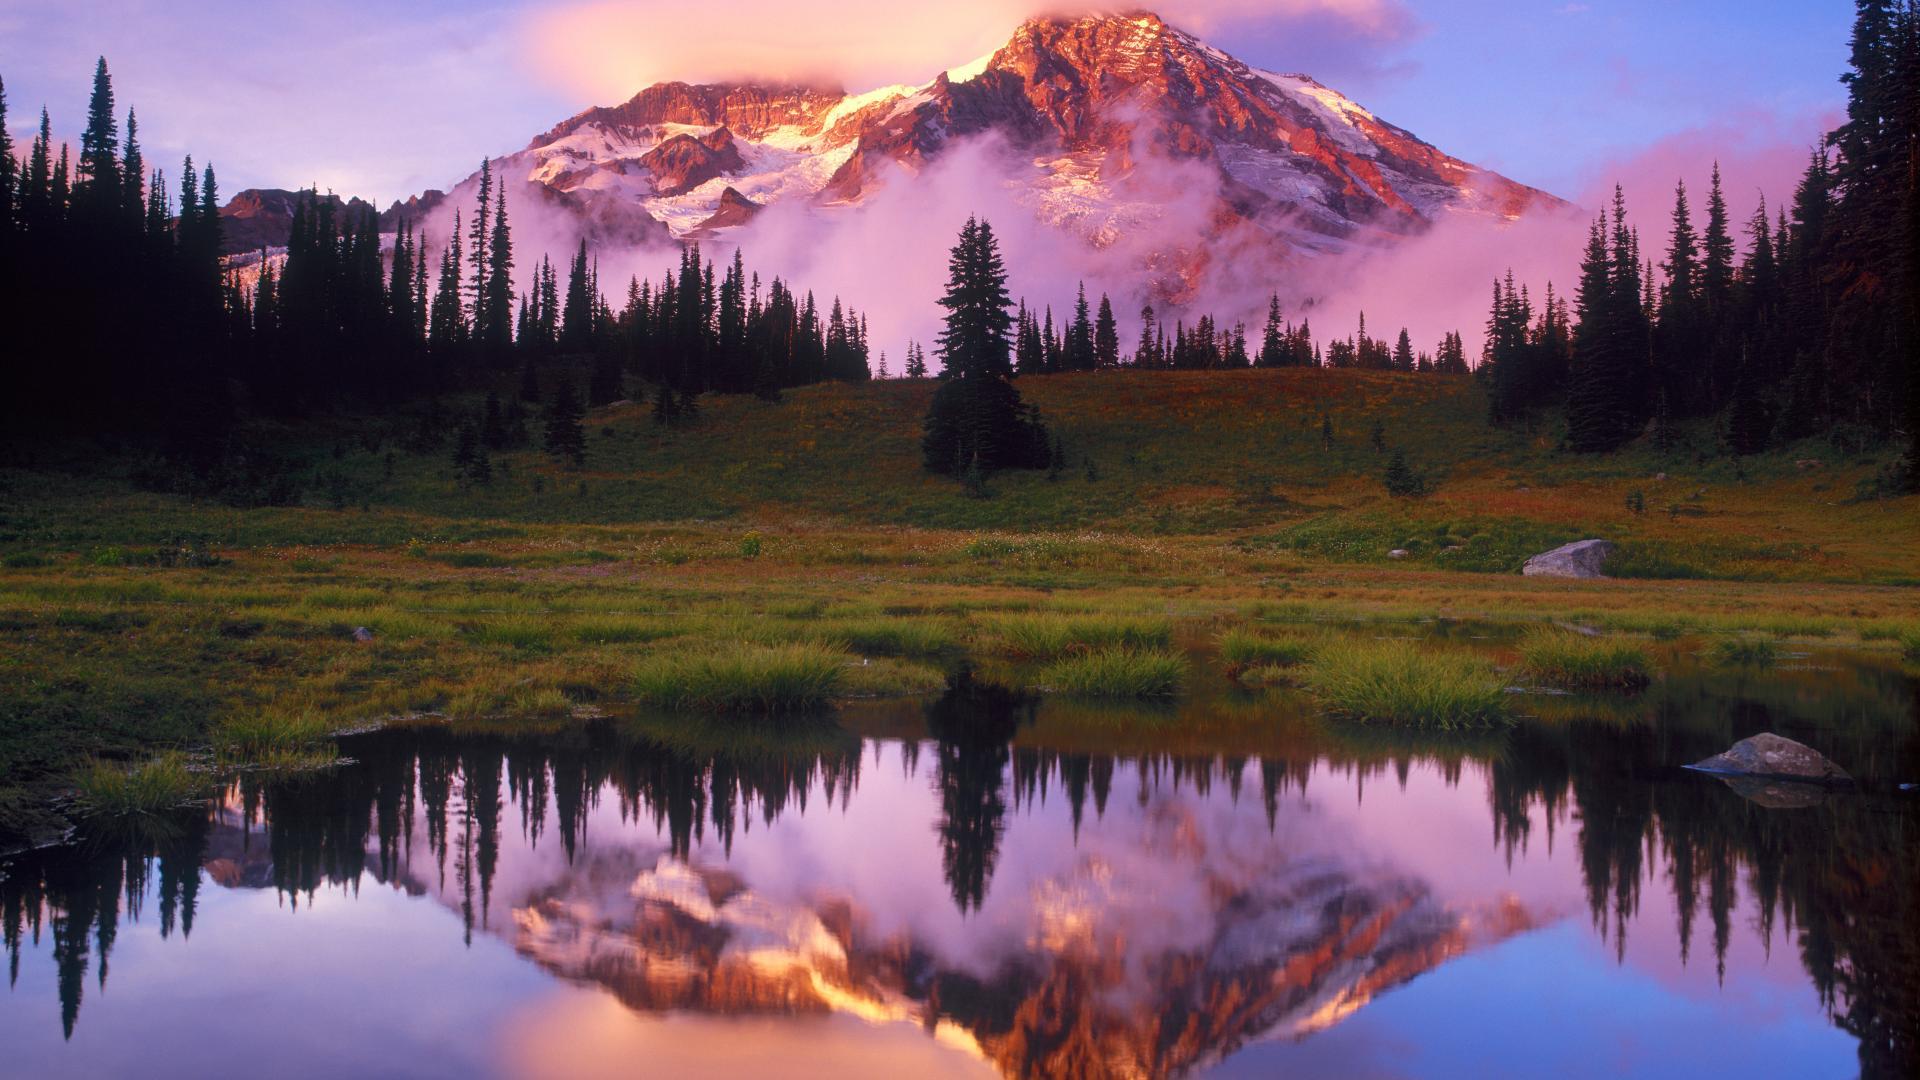 природа облака озеро горы скалы деревья отражение nature clouds the lake mountains rock trees reflection  № 2504188 загрузить